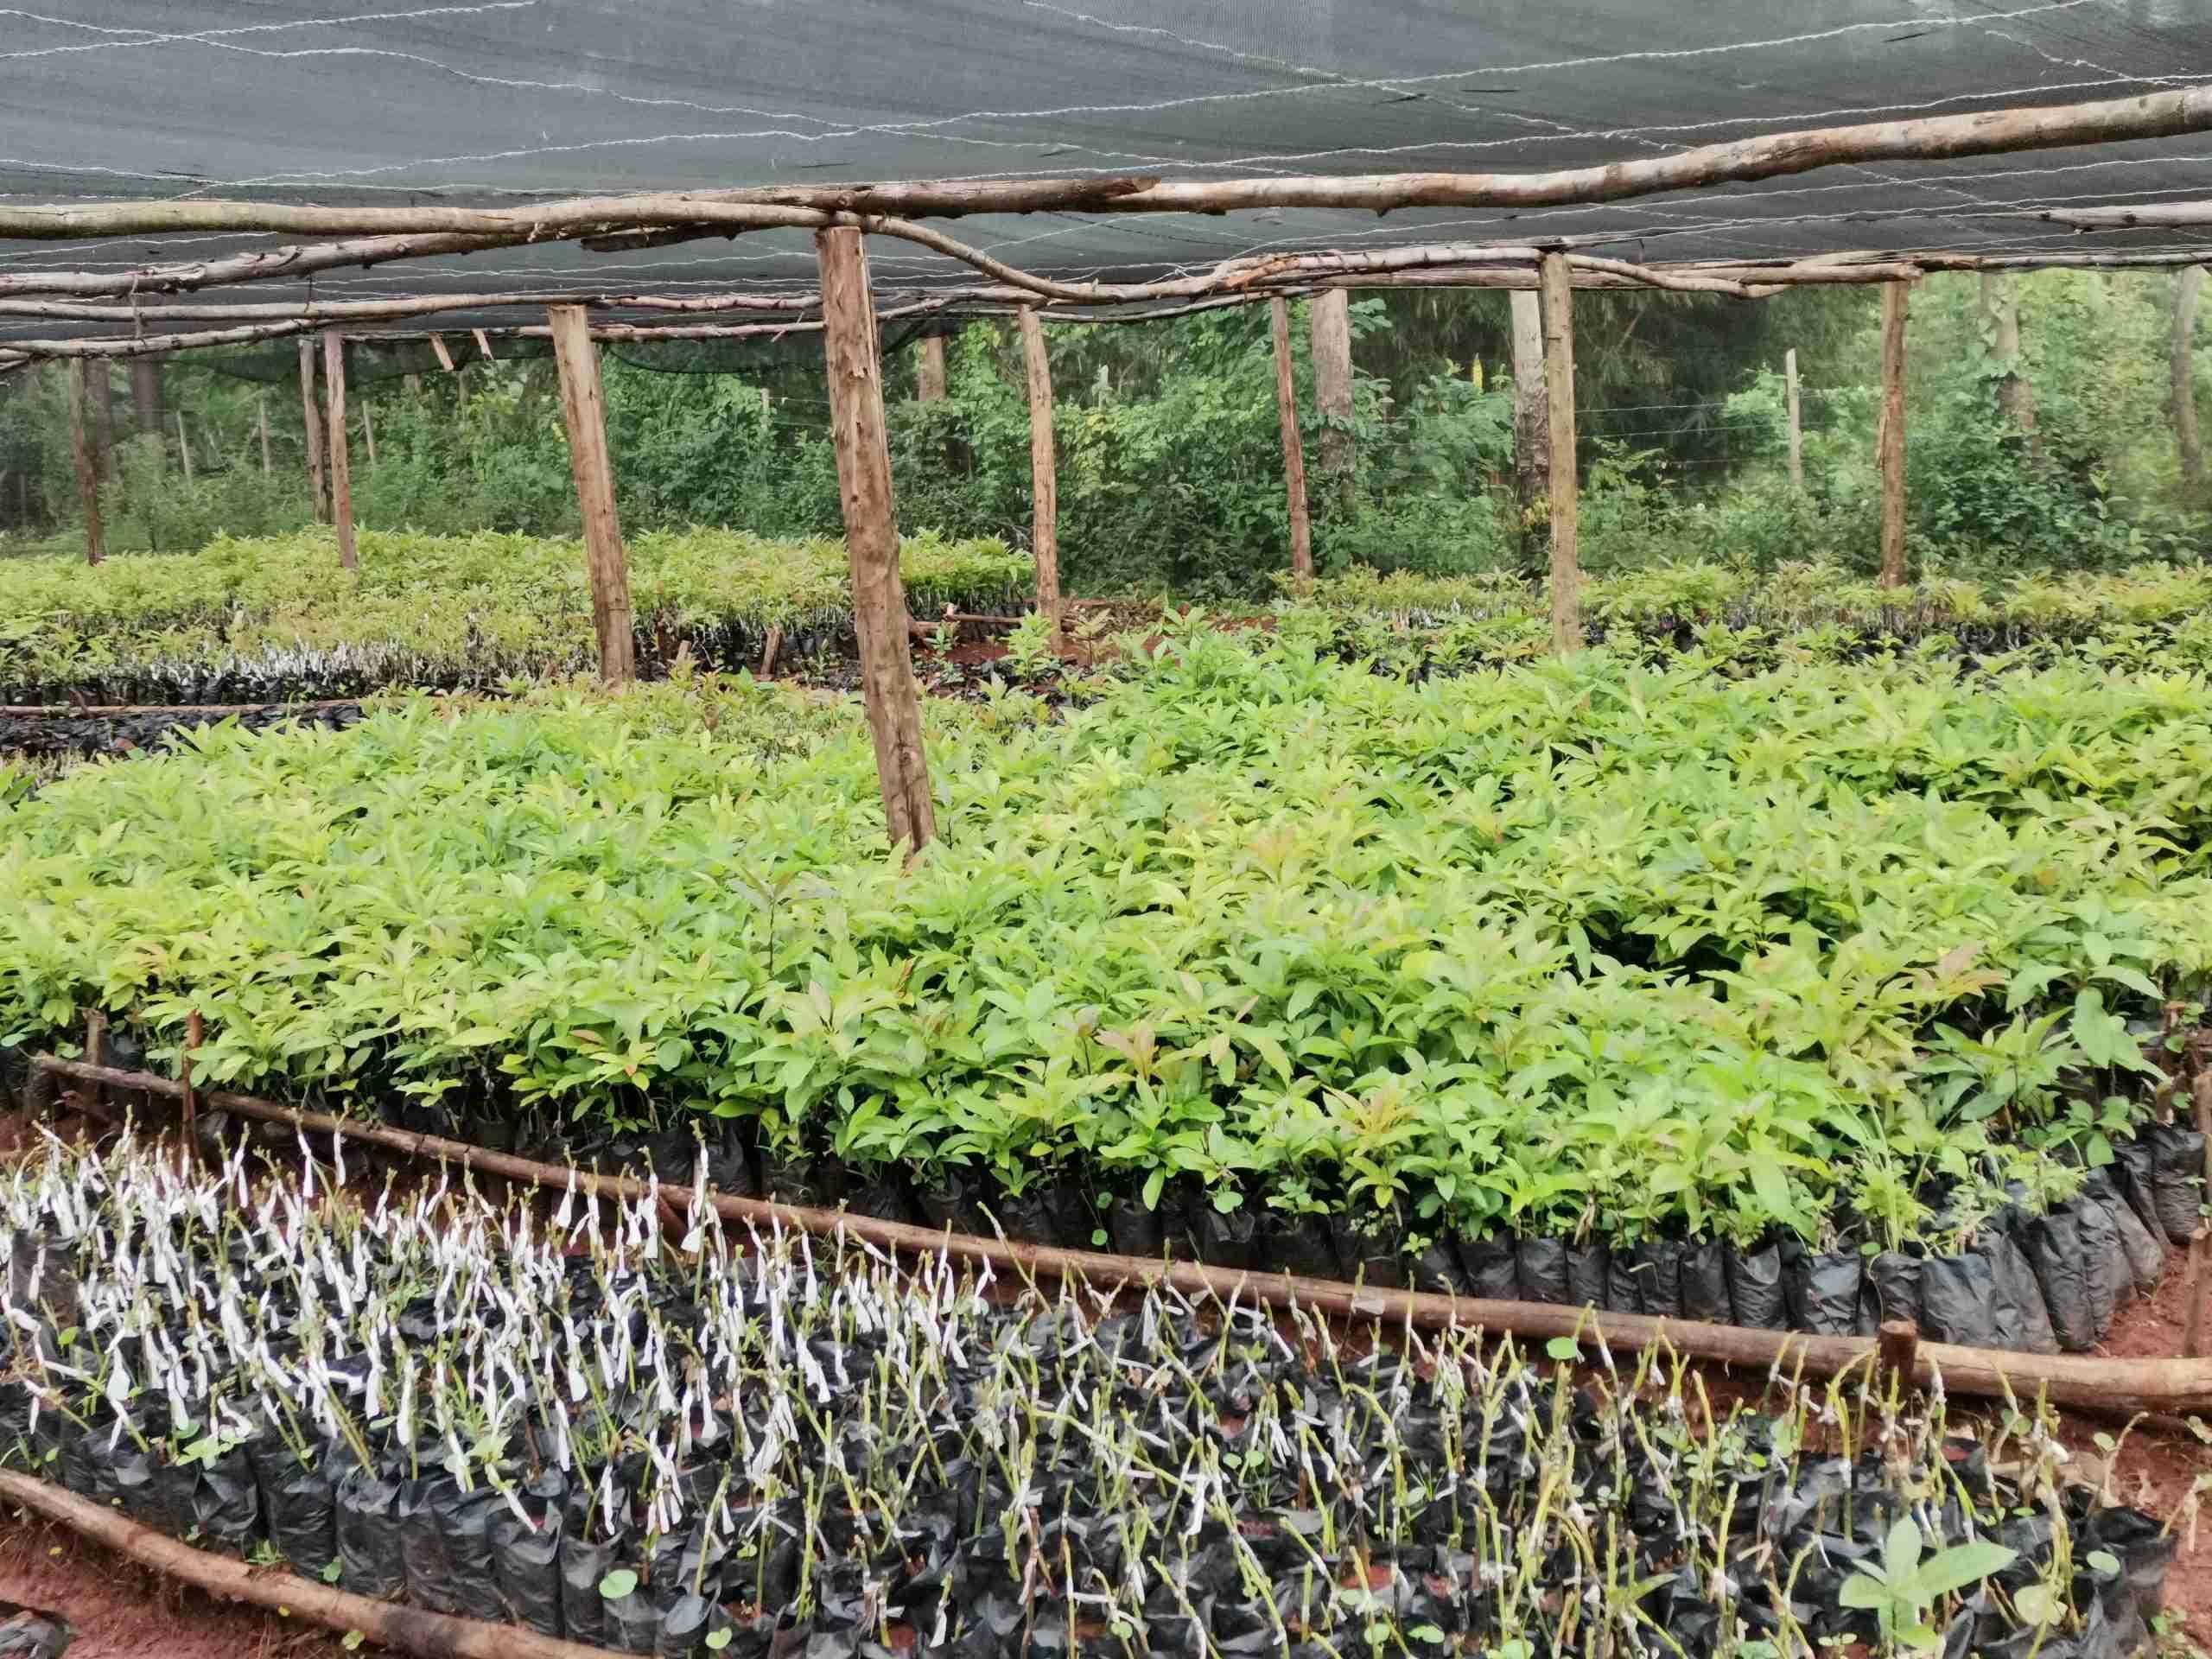 Avocado seedlings being prepared for export